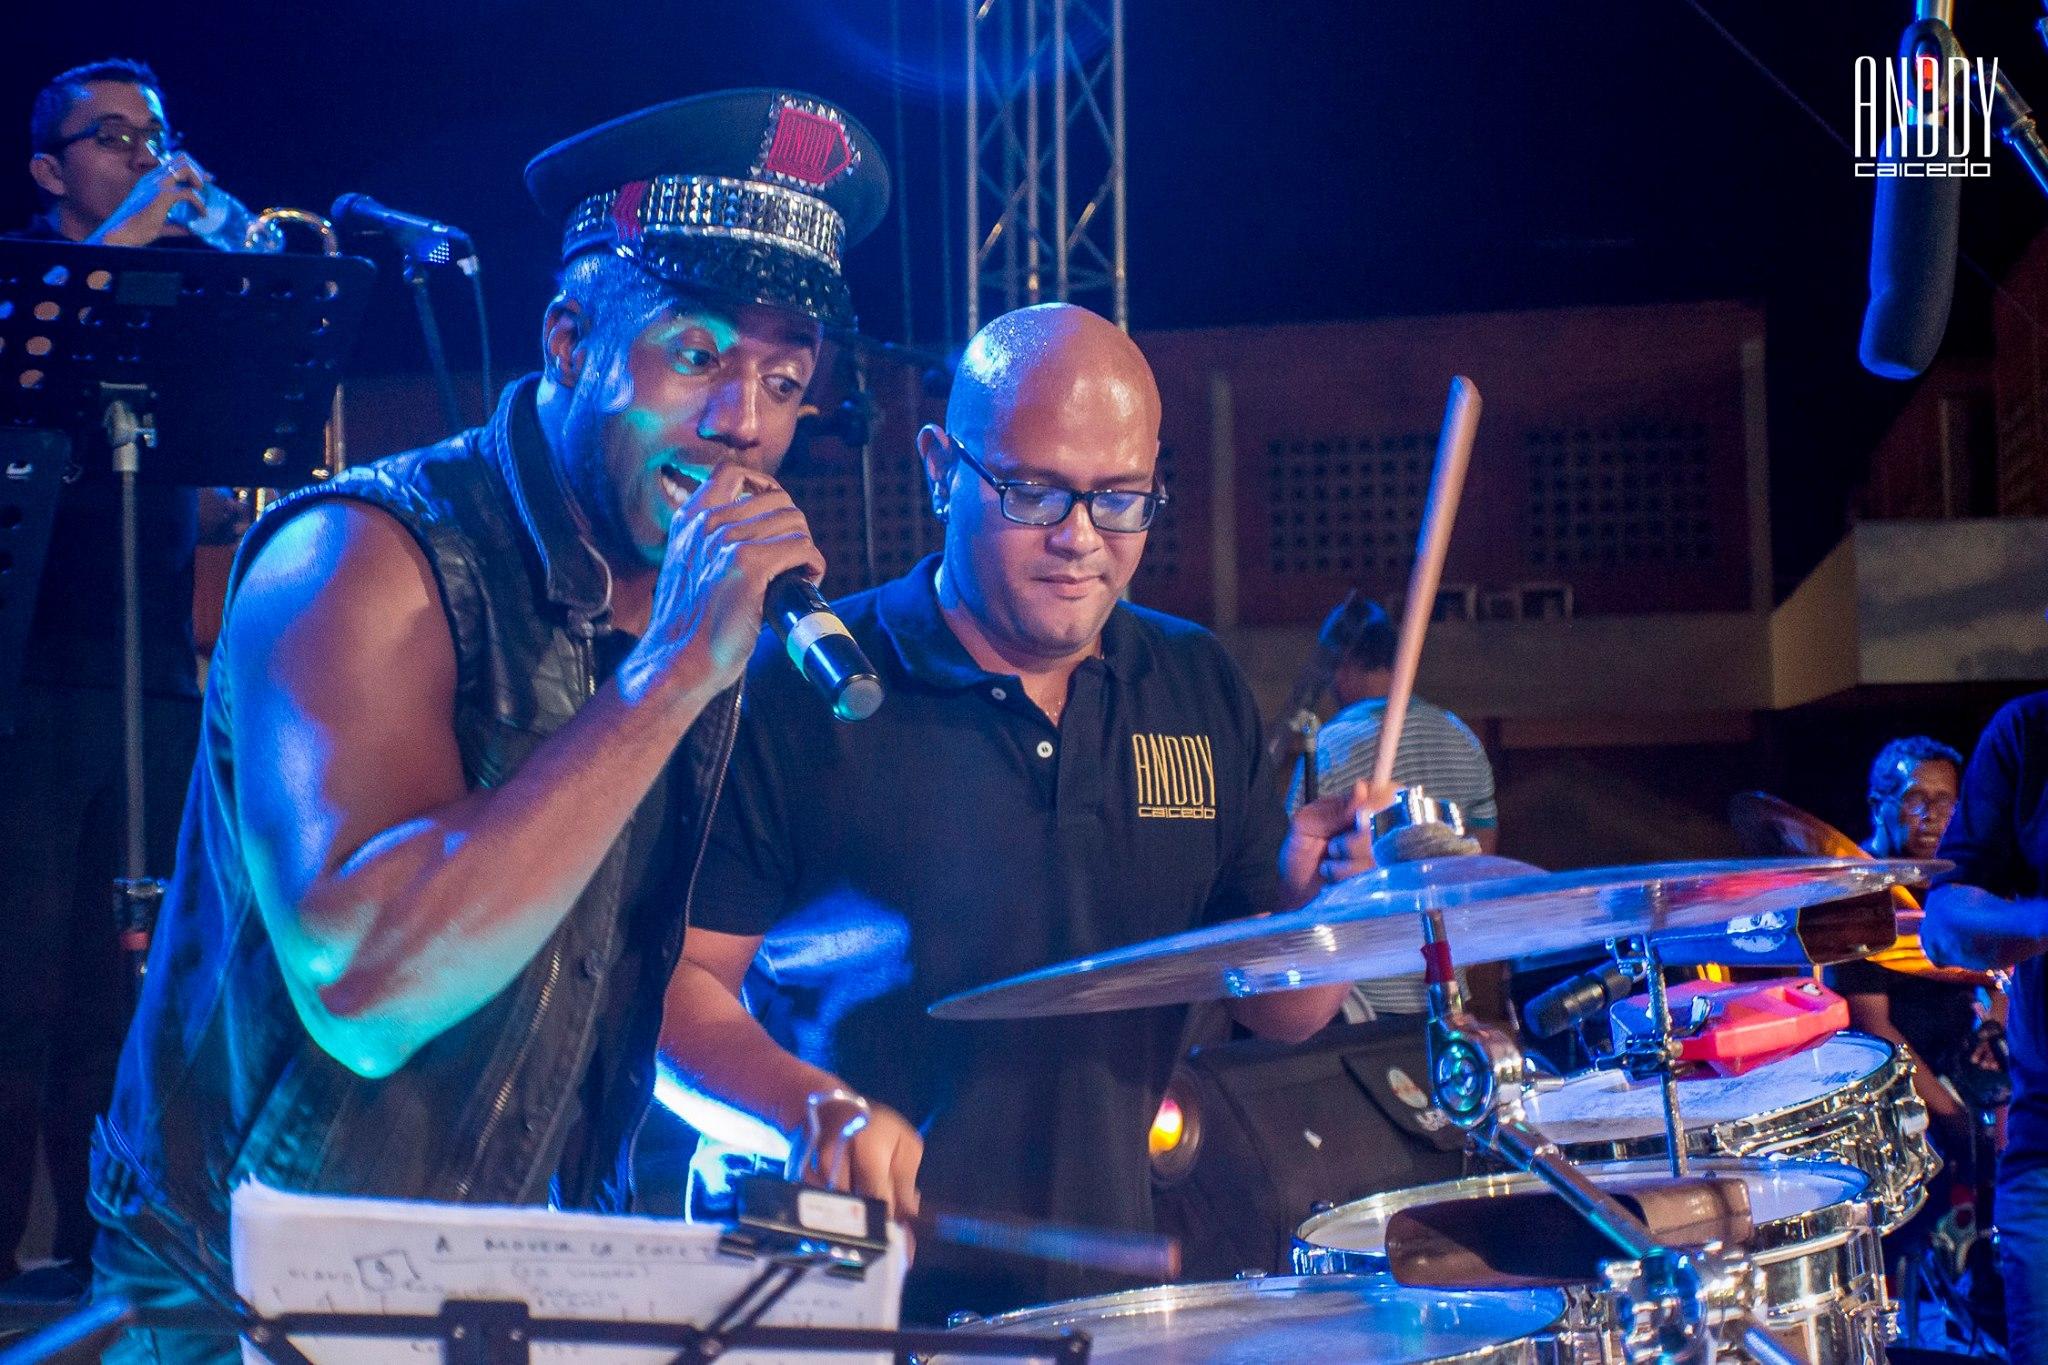 Anddy Caicedo cantante de salsa en vivo